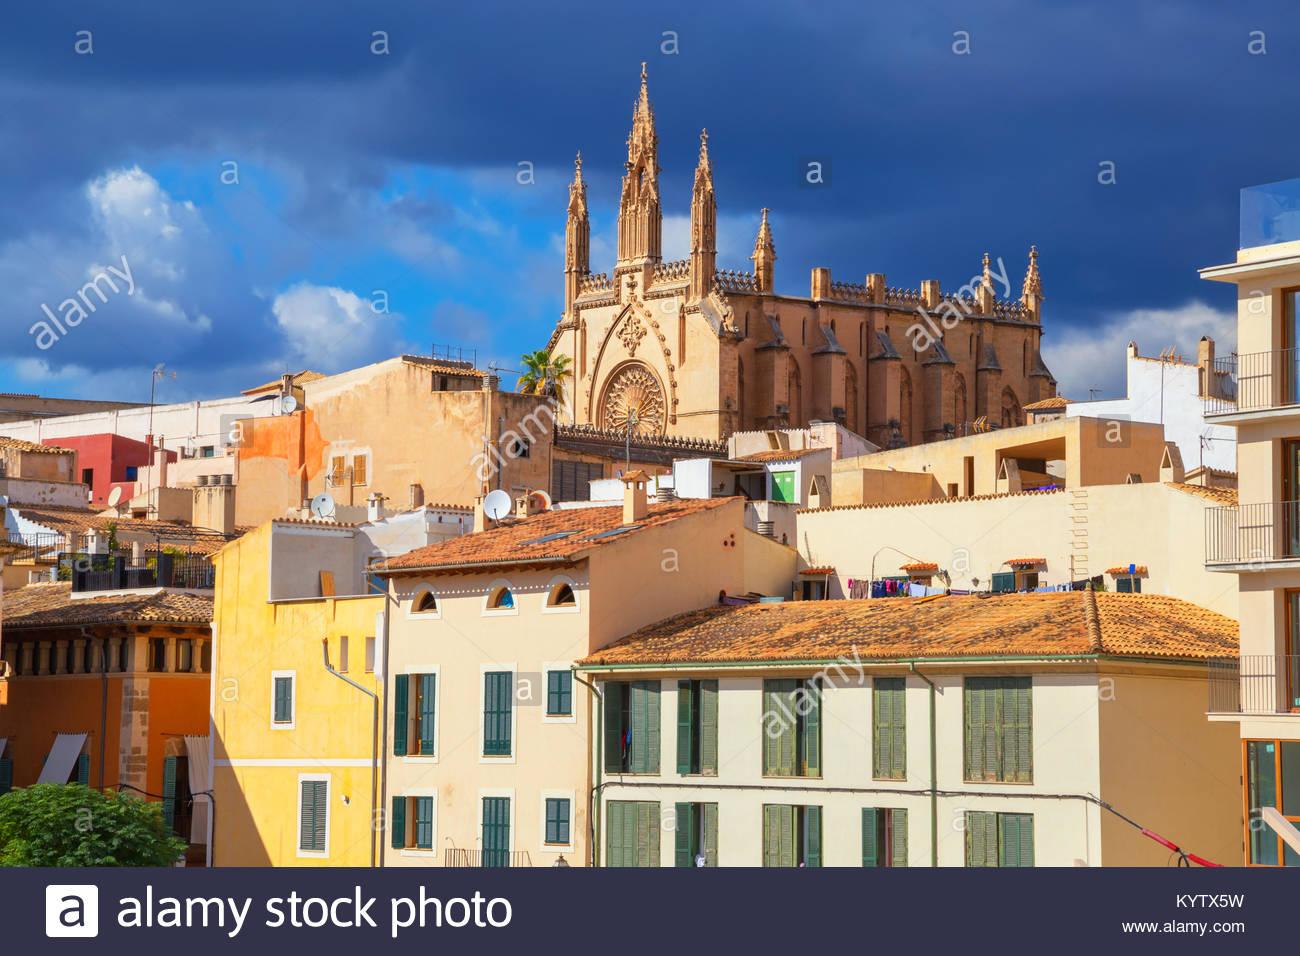 Vue sur le quartier historique, Palma de Mallorca, Majorque, Iles Baléares, Espagne, Europe Photo Stock